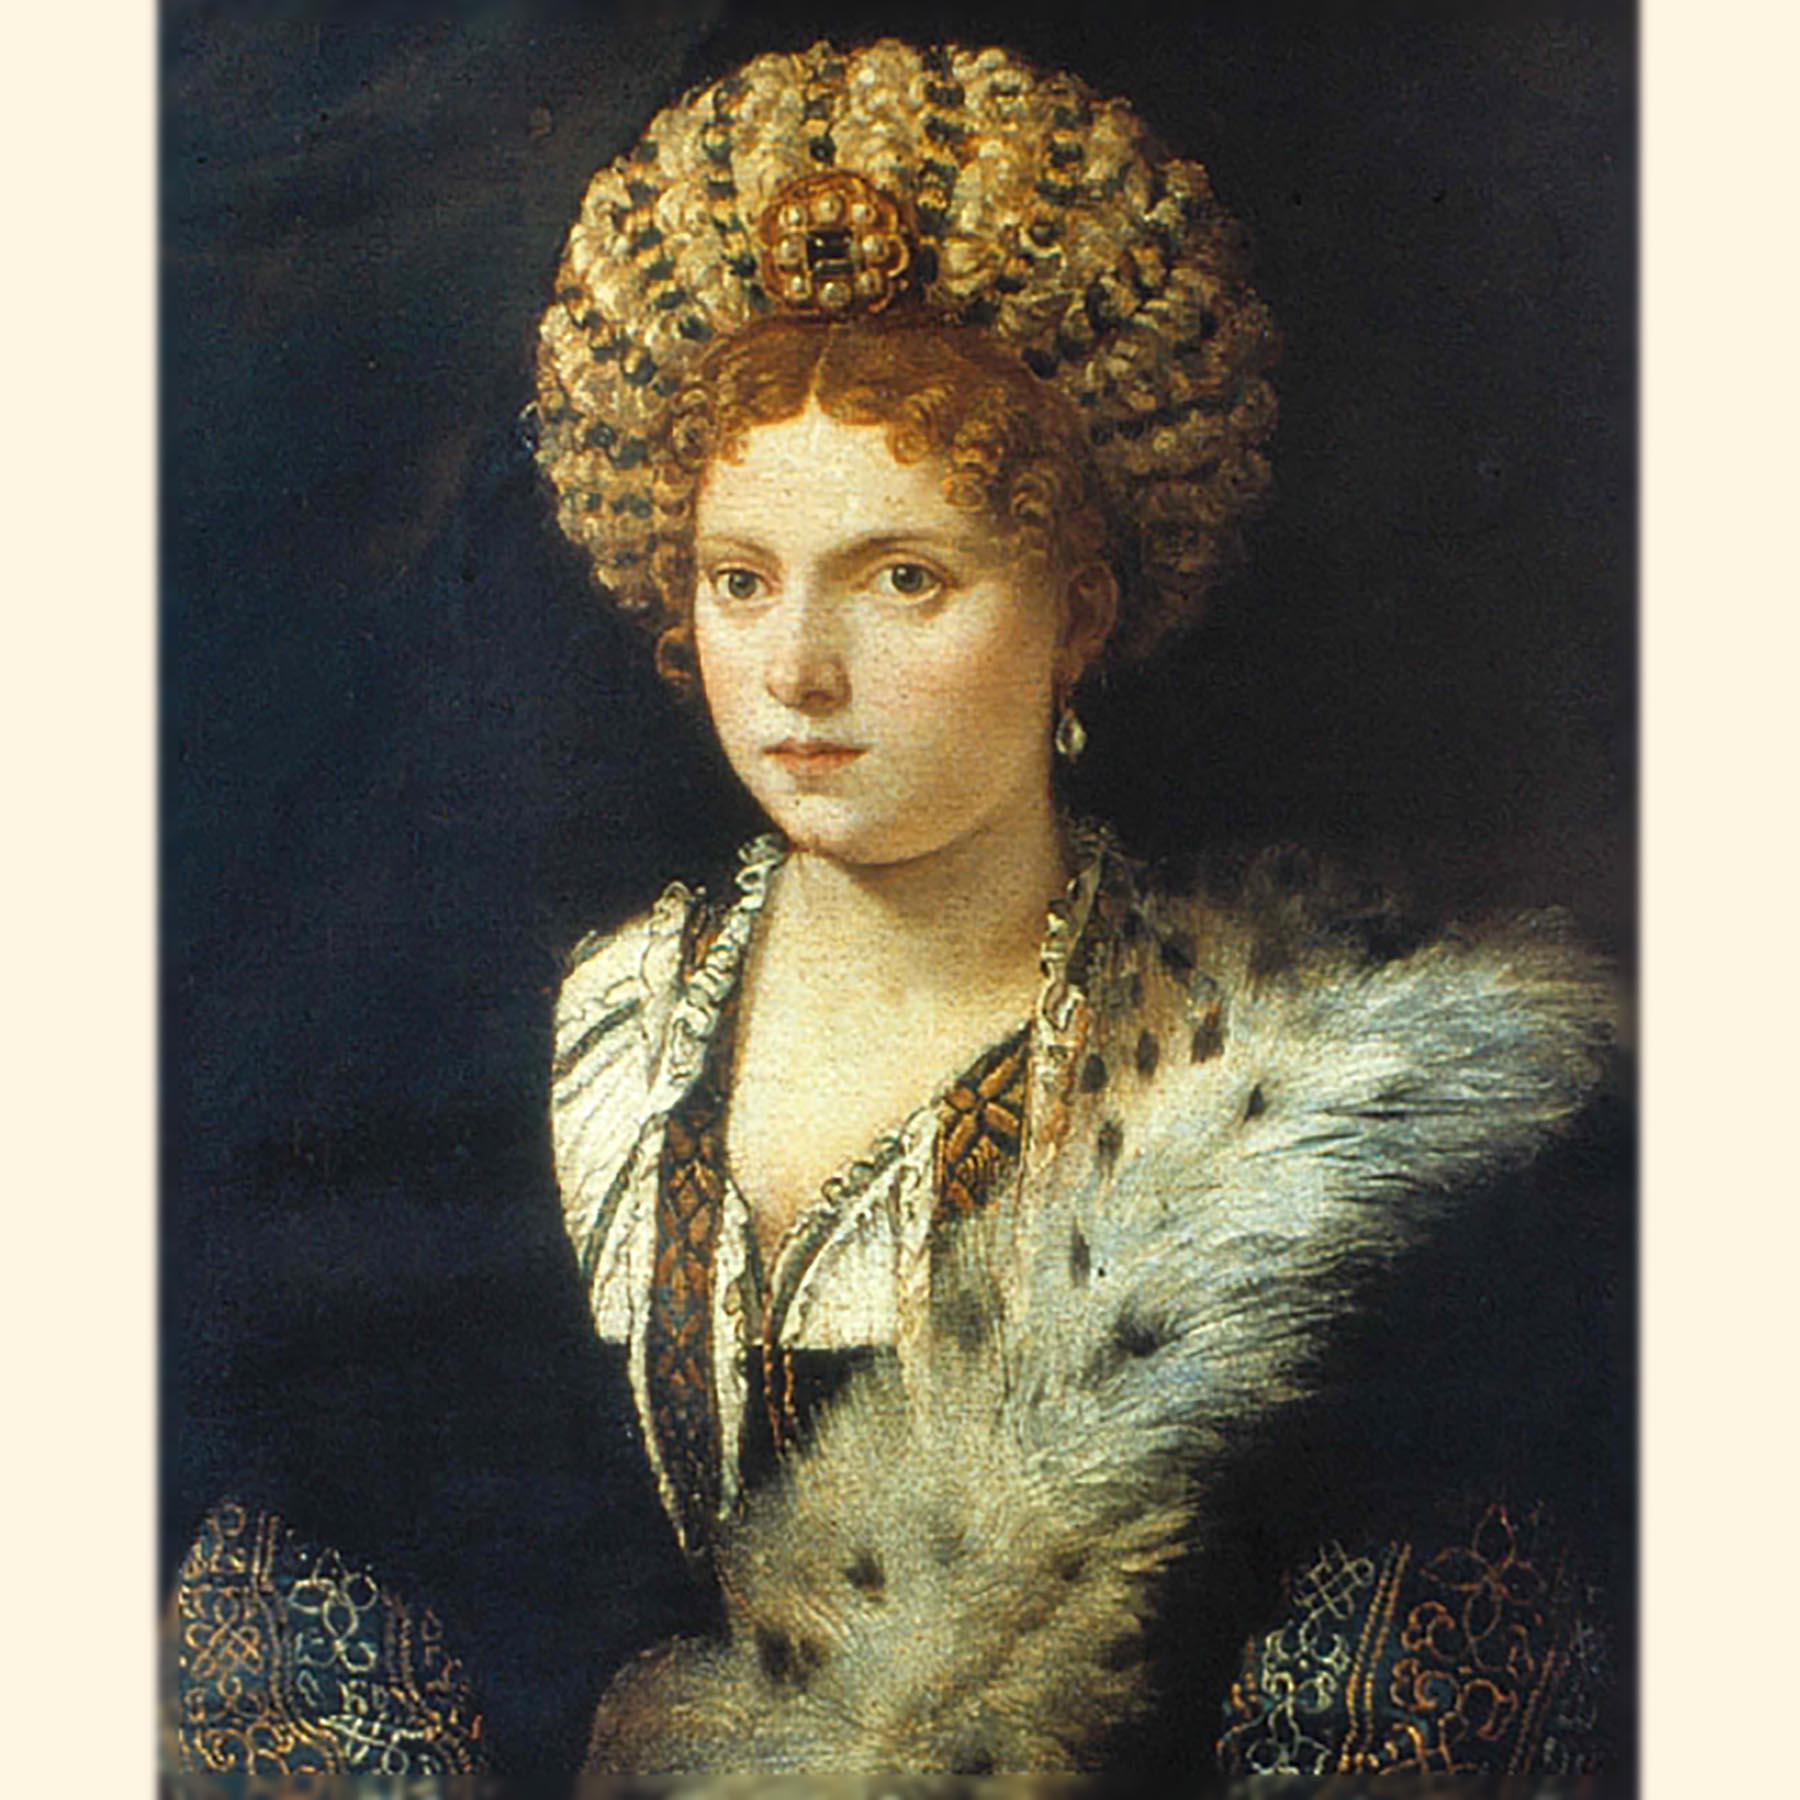 イザベラ・デステ ティツィアーノ画 1536-1537年 ウィーン美術館蔵